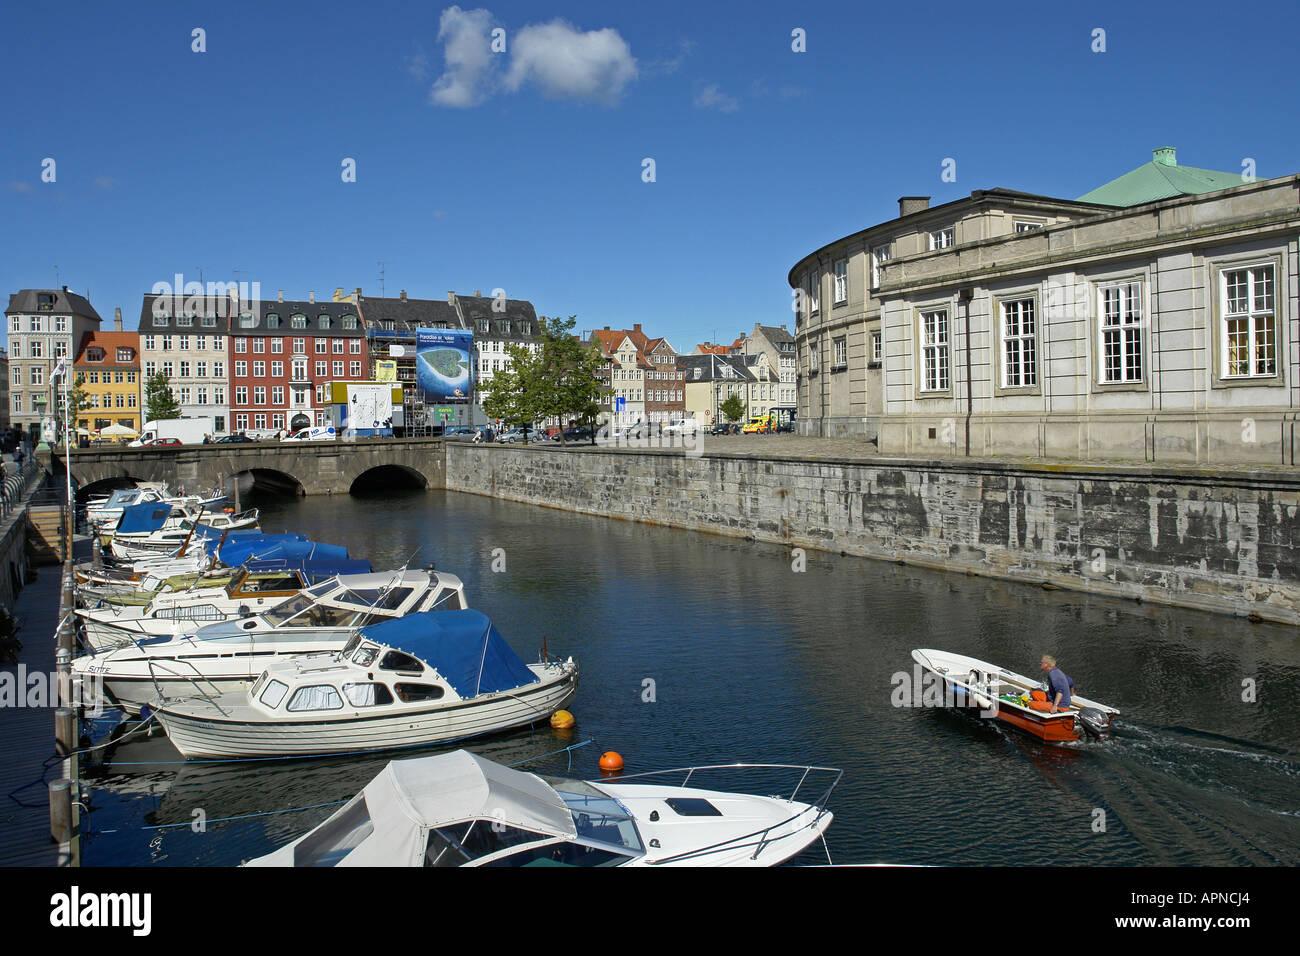 Stormbroen is a bridge connecting Slotsholmen with Copenhagen City - Stock Image